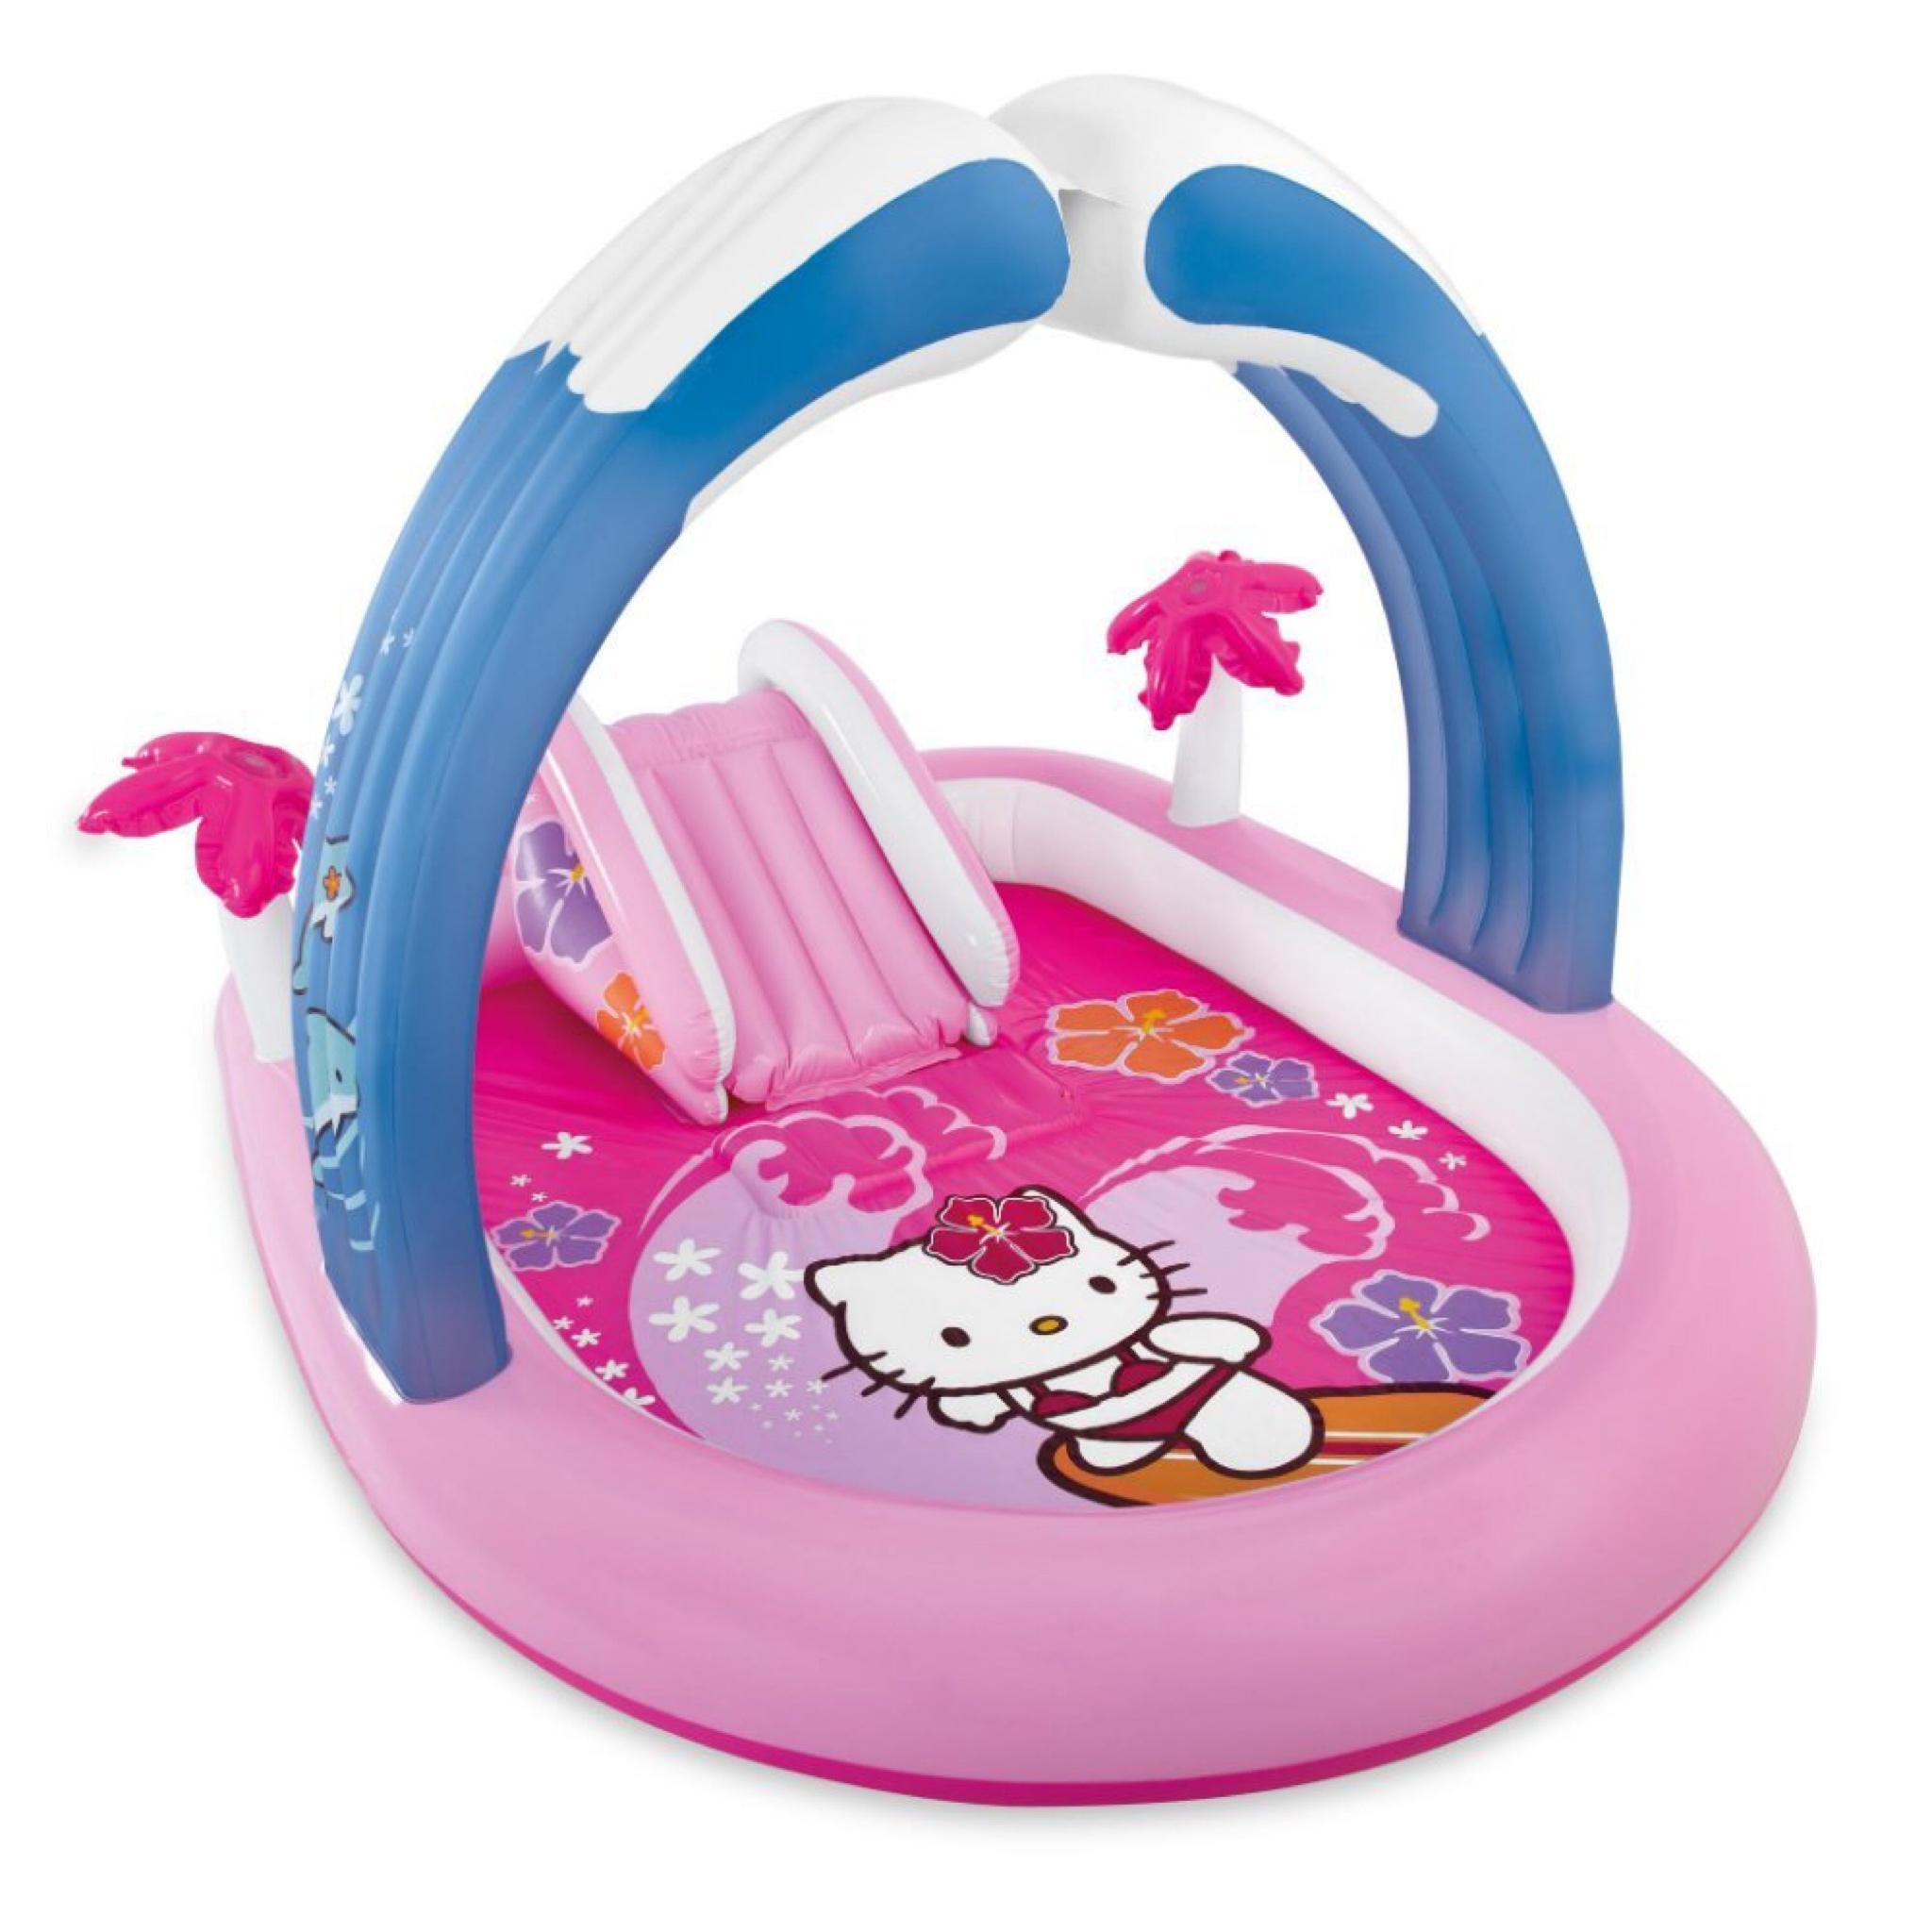 สระน้ำเป่าลมพร้อมสไลเดอร์และน้ำพุ Intex Hello Kitty Play Center